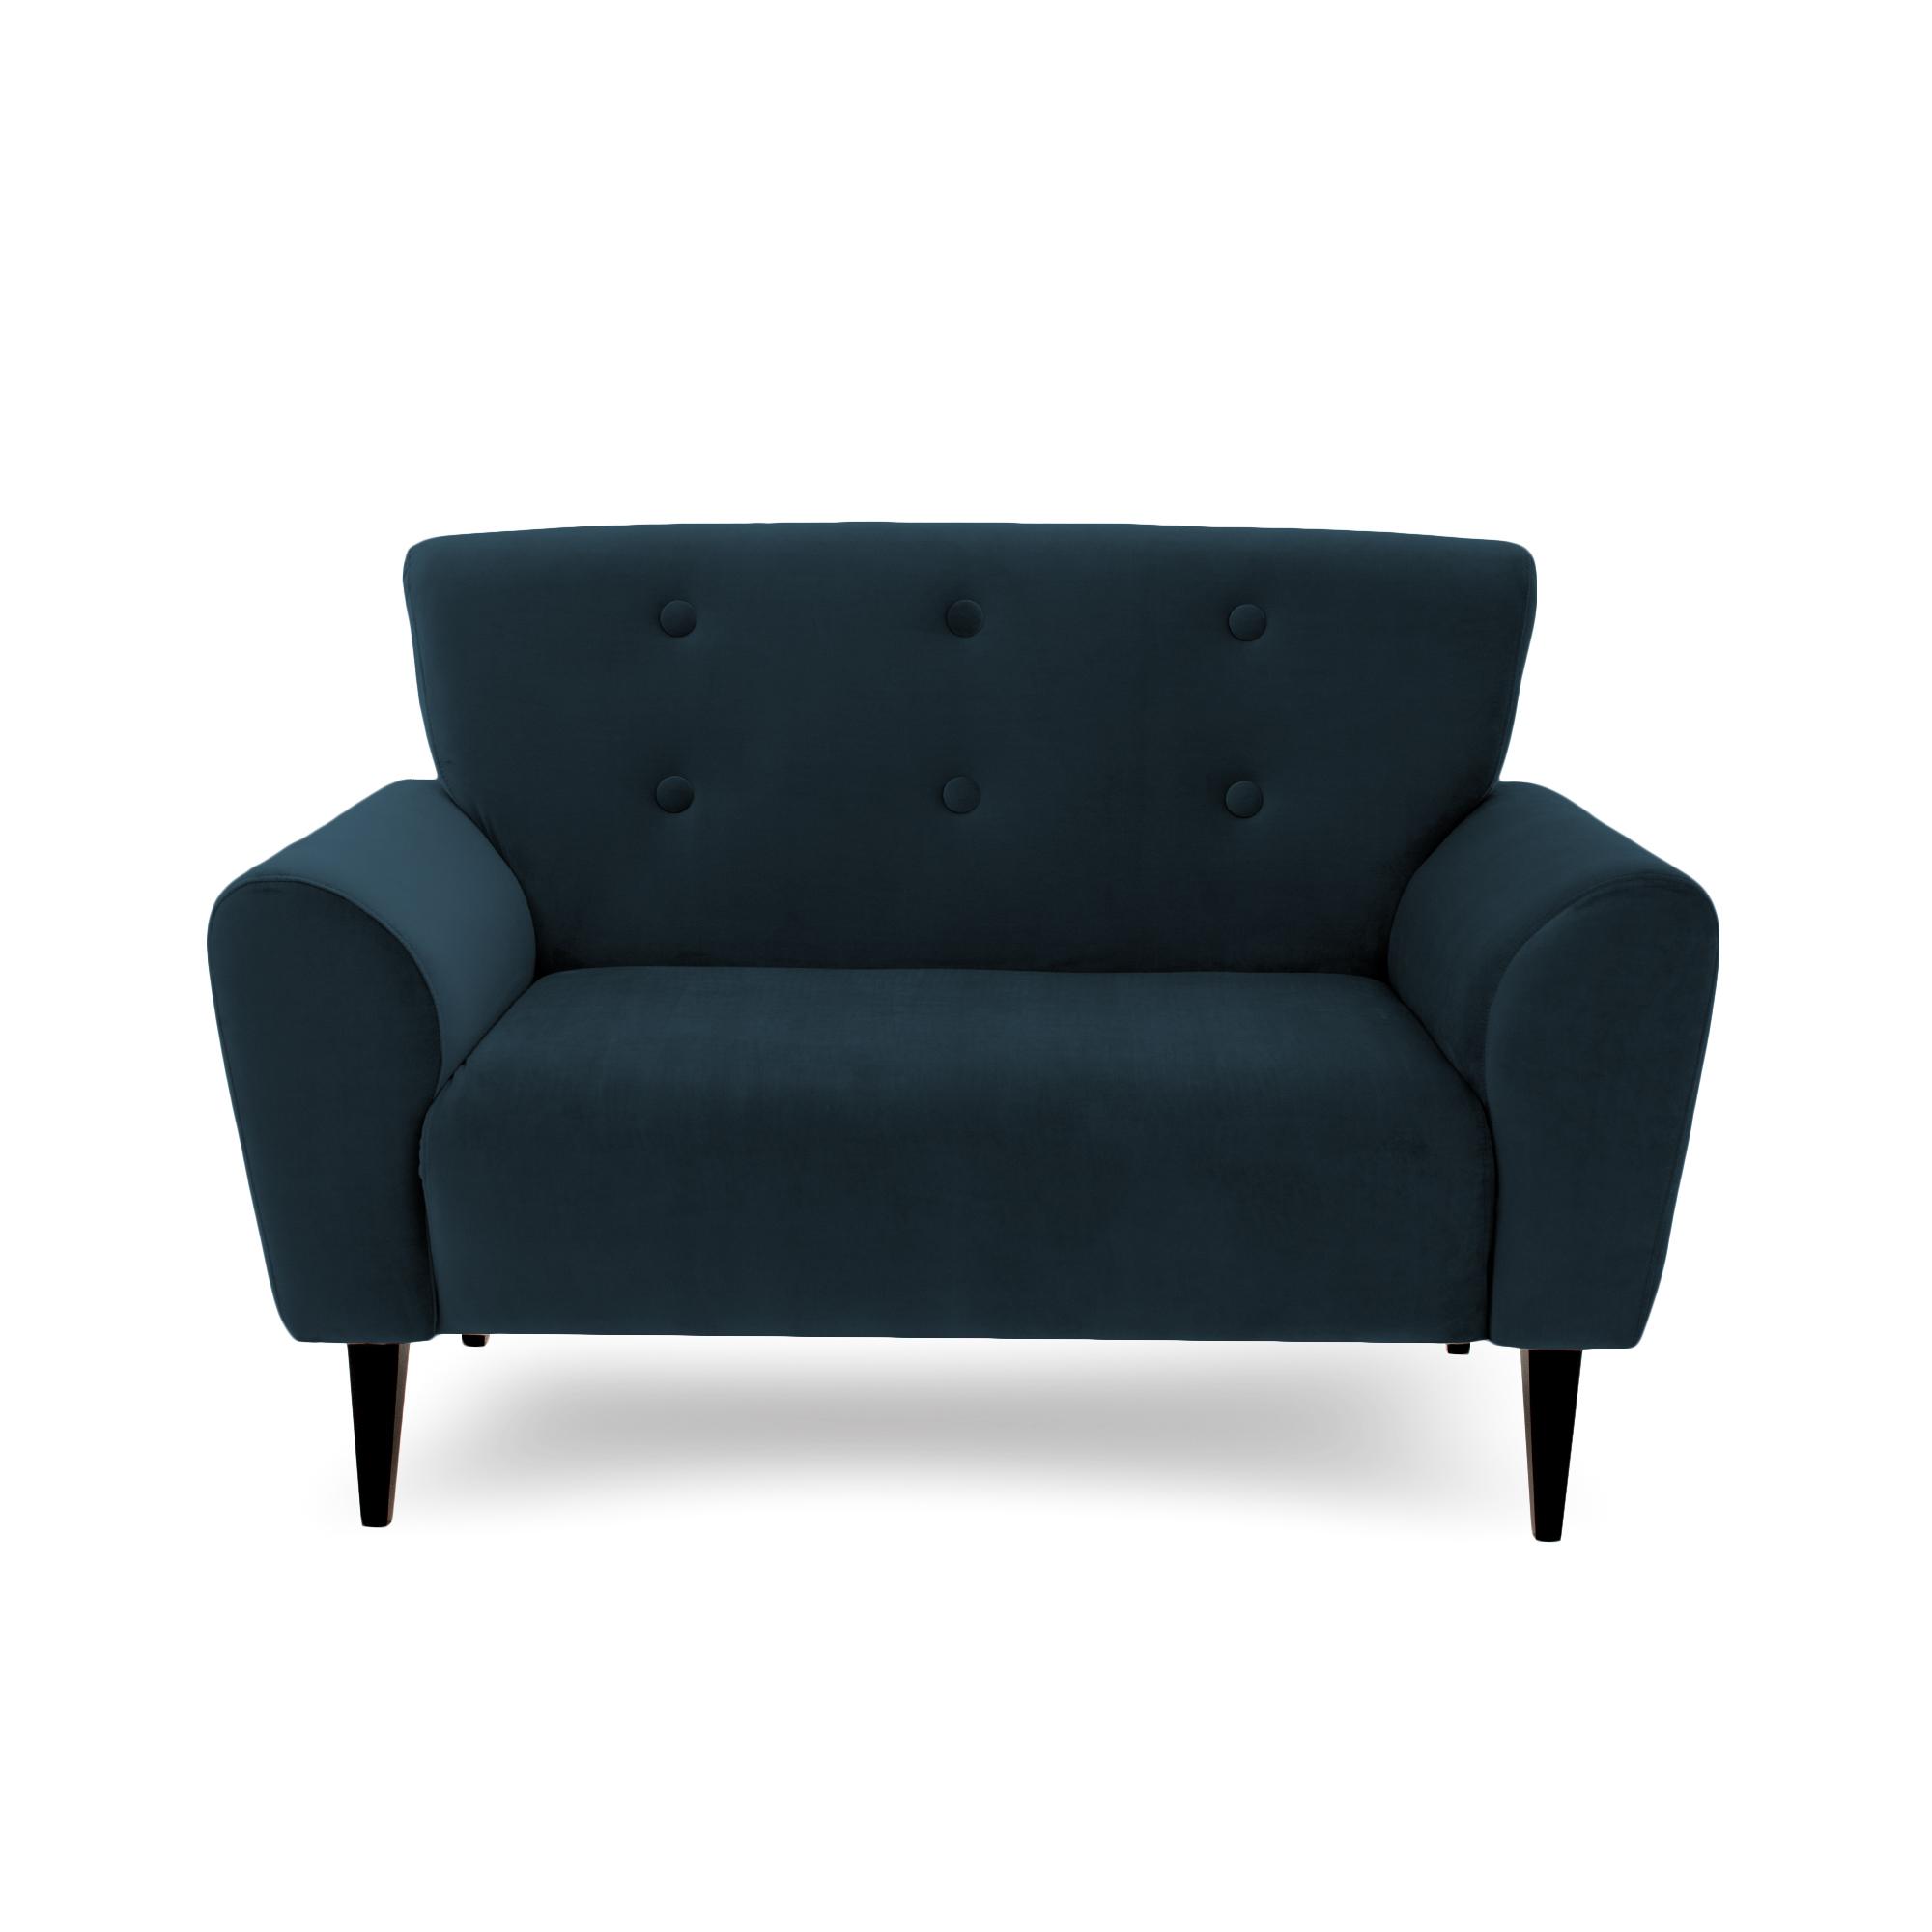 Canapea Fixa 2 locuri Kiara Marine Blue